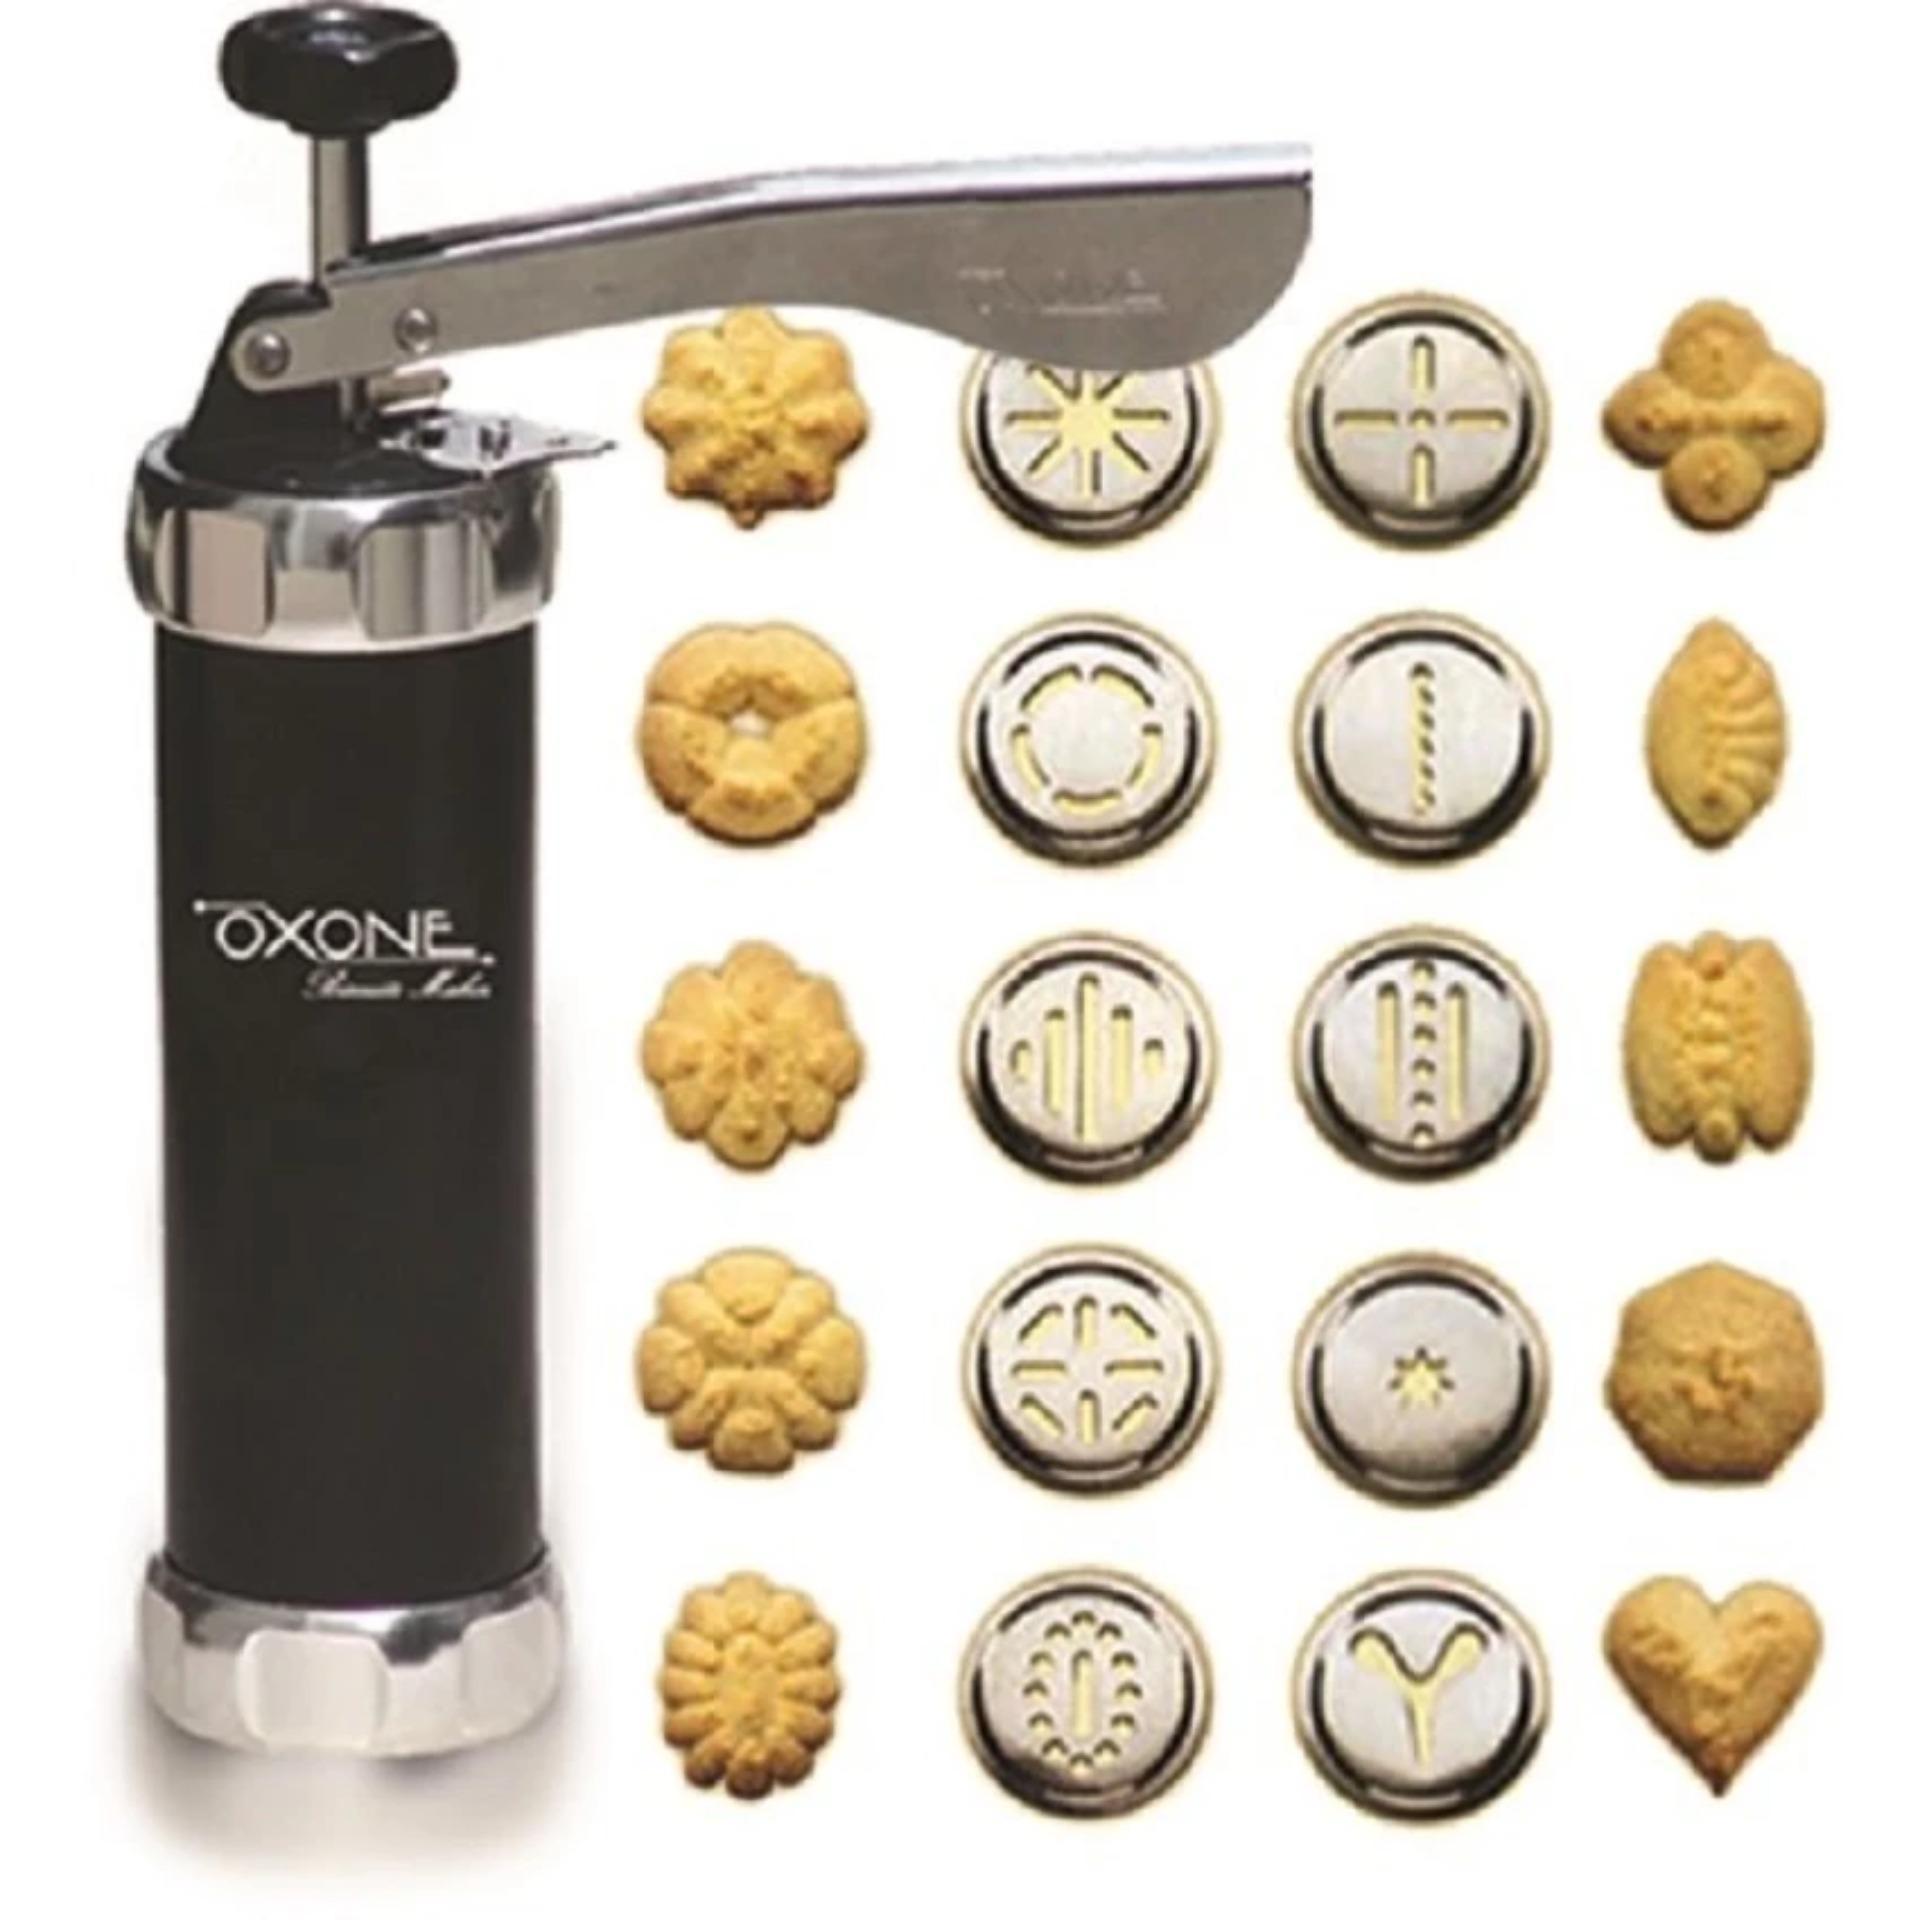 Oxone Biscuit Maker Ox 322 Alat Pembuat Kue Kering Cetakan Nagako Cookie And Silver Pencetak Biskuit